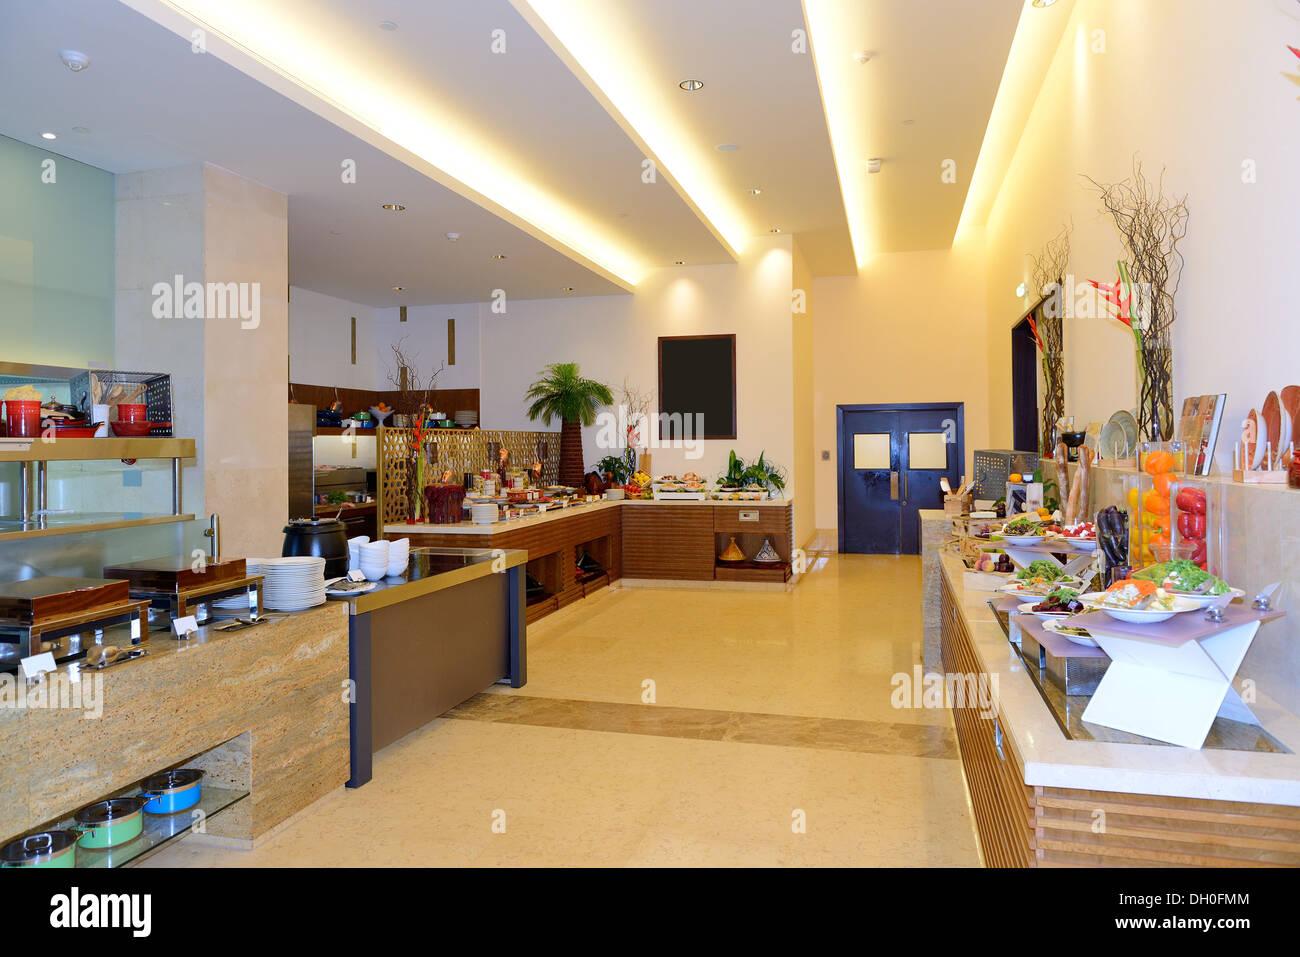 Das Restaurant-Interieur Luxus-Hotels, Dubai, Vereinigte Arabische ...